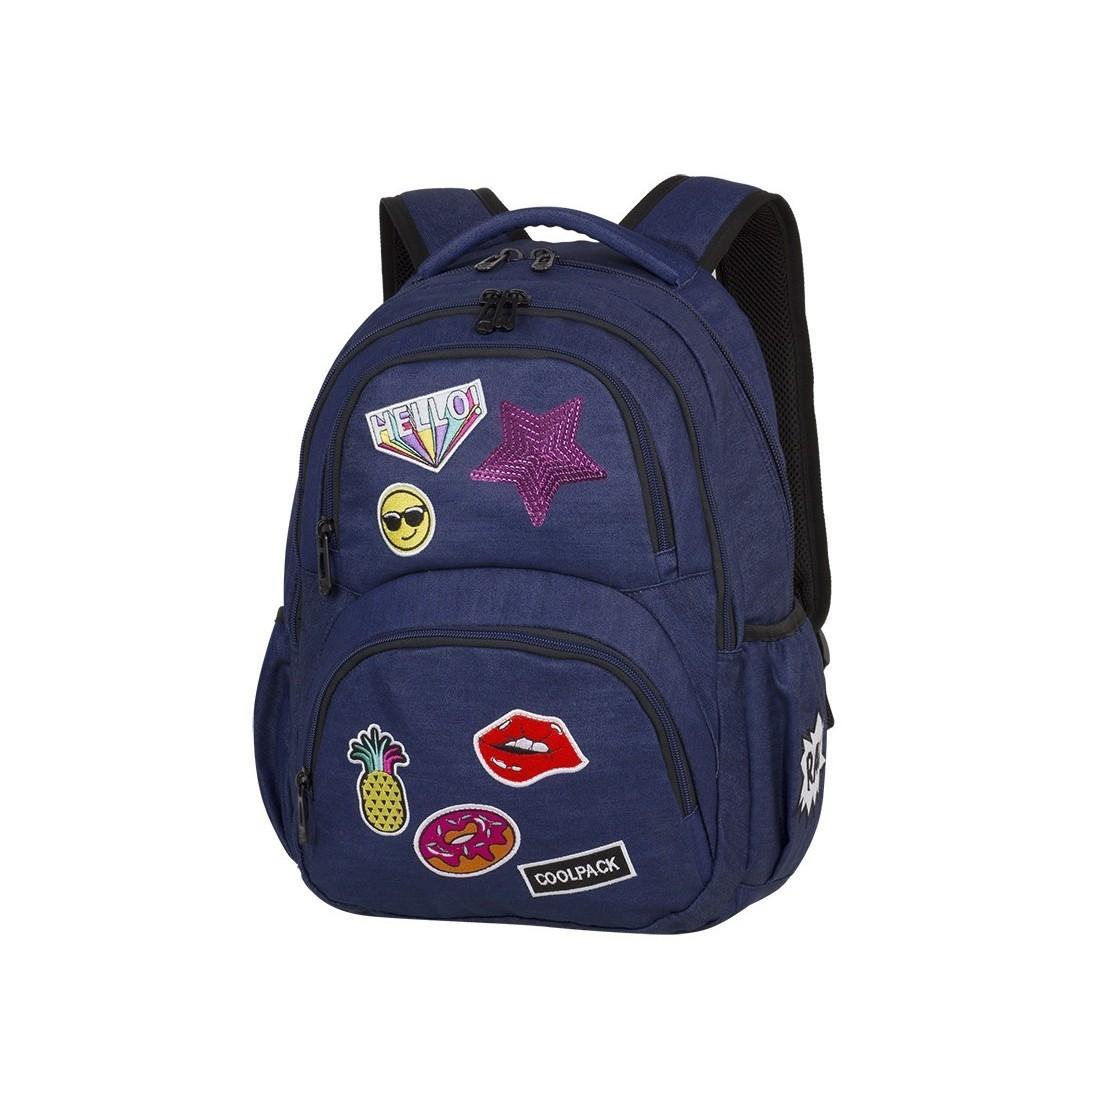 bbe7da62721e5 Plecak młodzieżowy CoolPack CP DART II Badges Girls Denim granatowy z  naszywkami